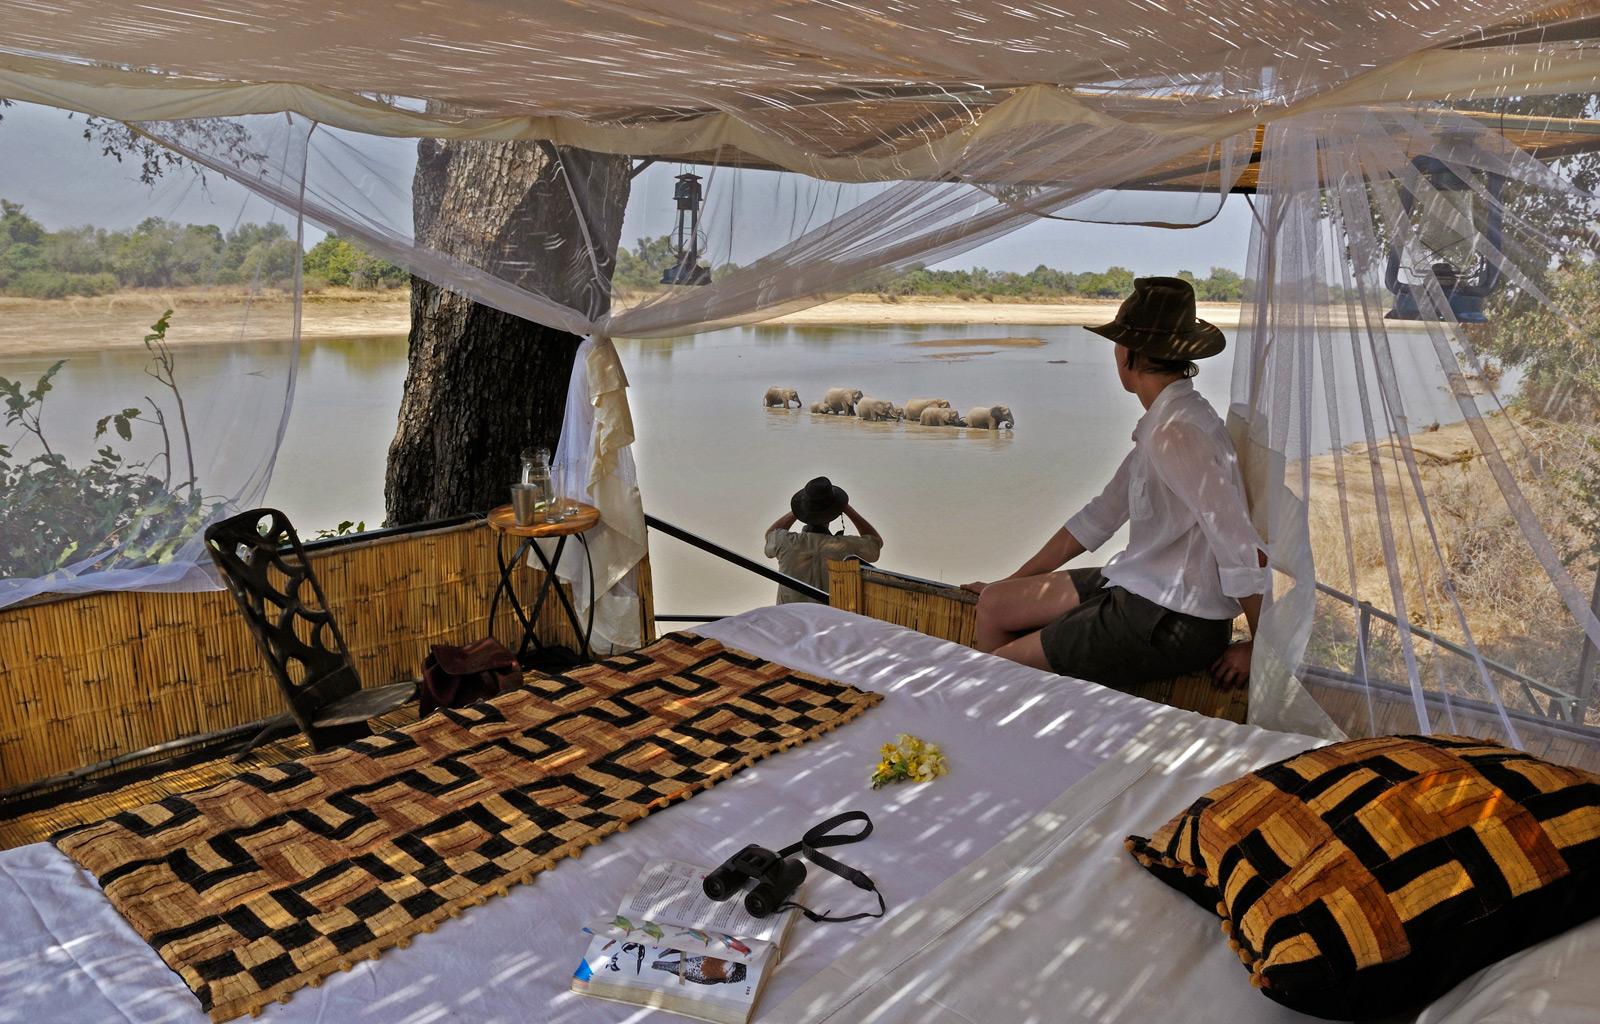 Kaingo-and-Mwamba-bush-camps-Zambia-Ele-crossing-2